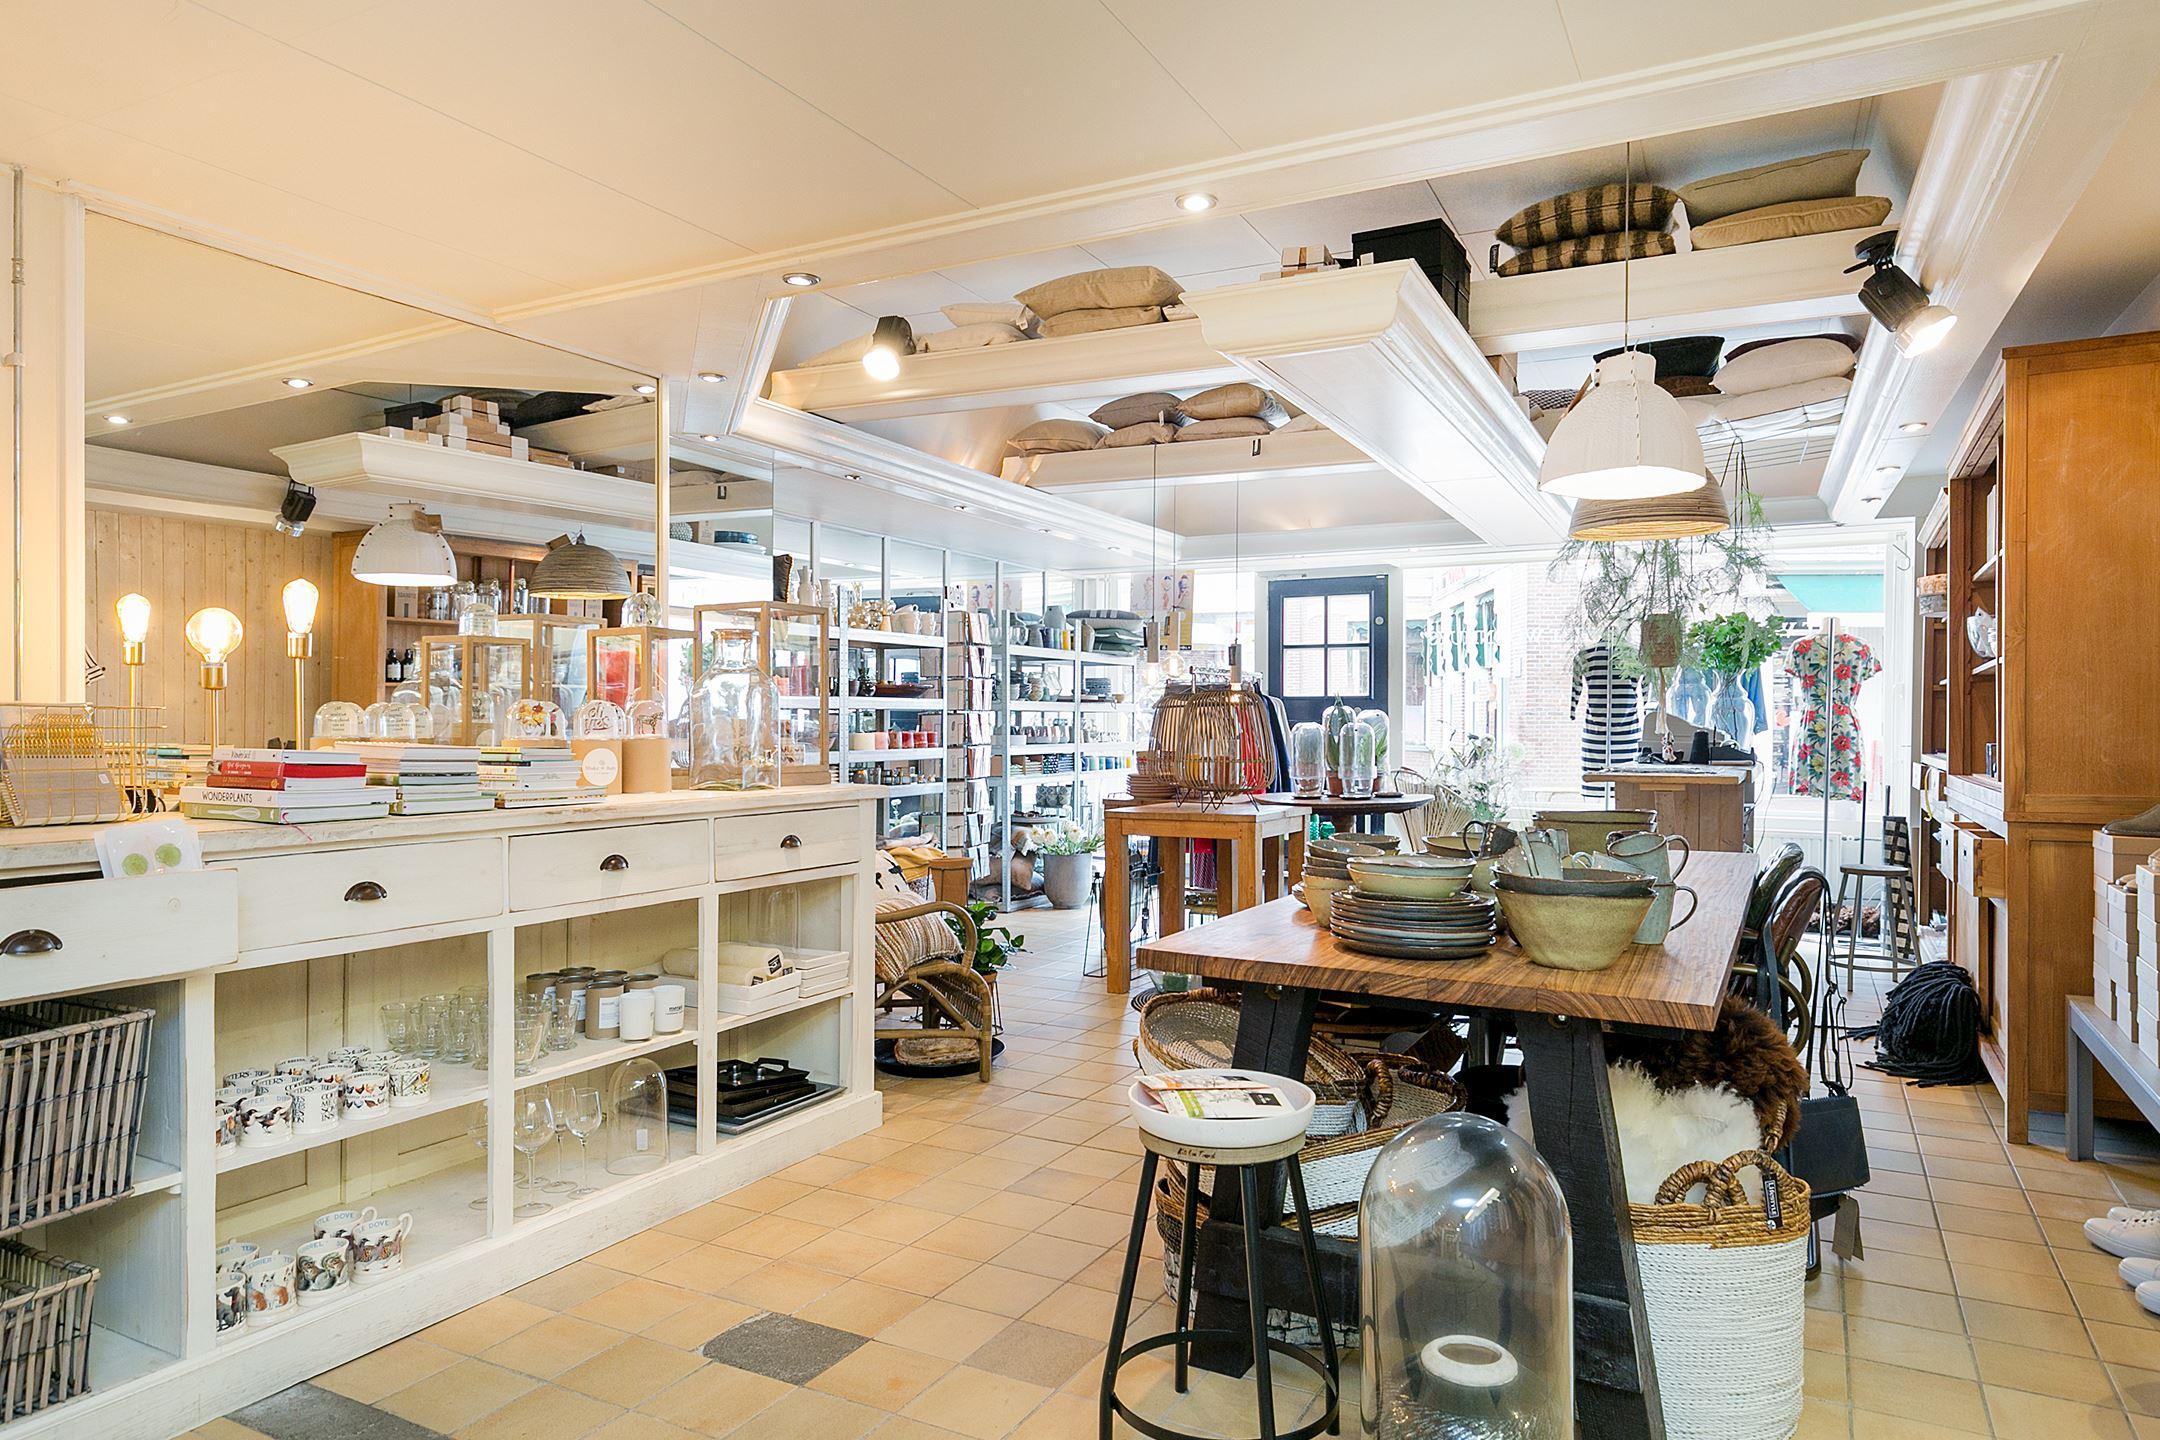 Design Keukens Grou : Winkel grou zoek winkels te koop hoofdstraat am grou